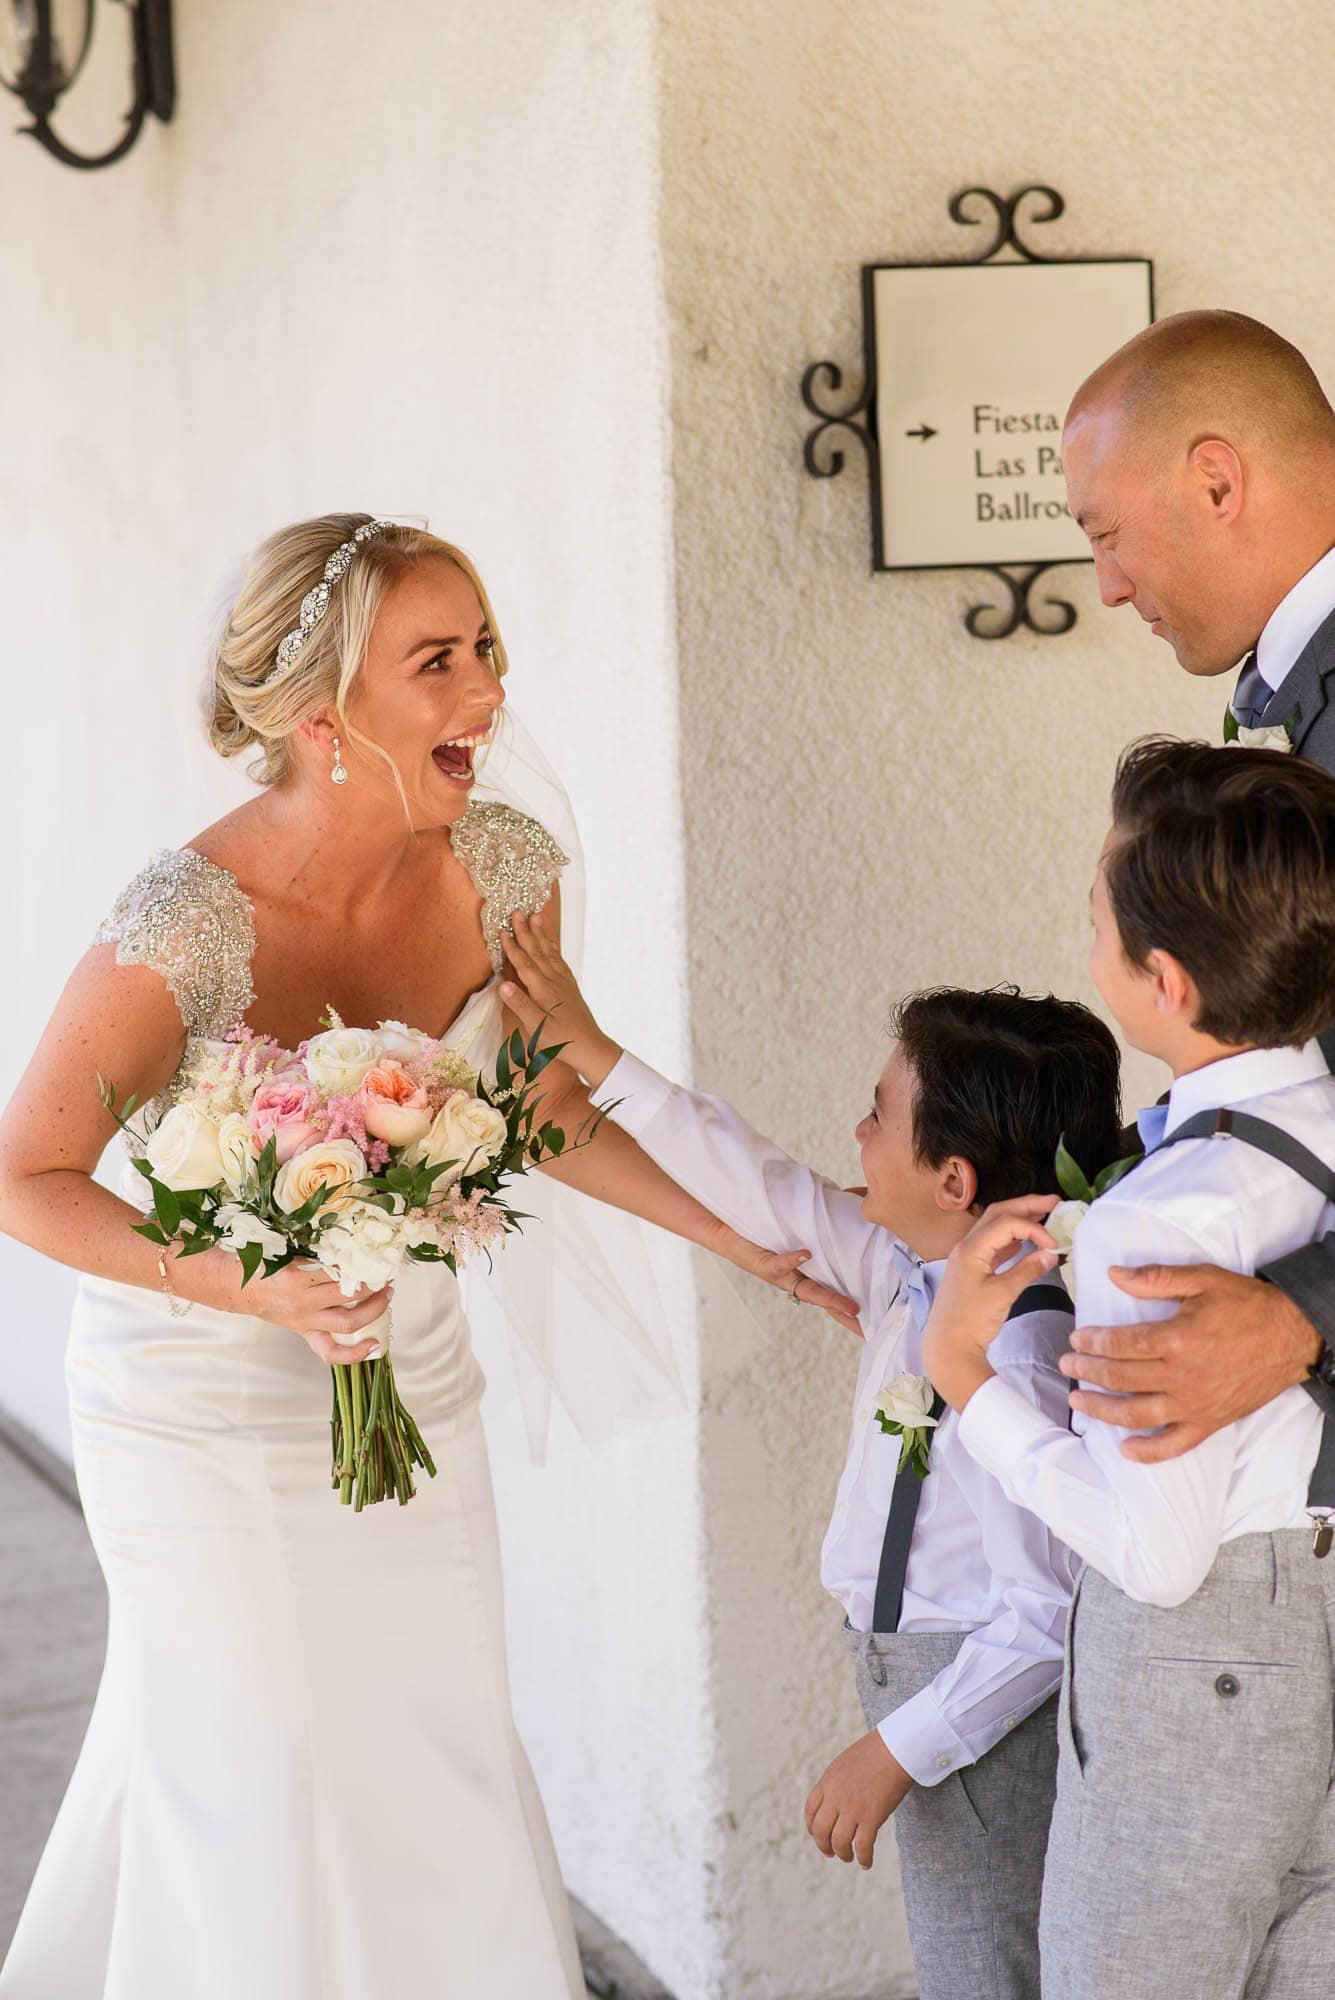 023_Alan_and_Heidi_Wedding_Amanda_Chad